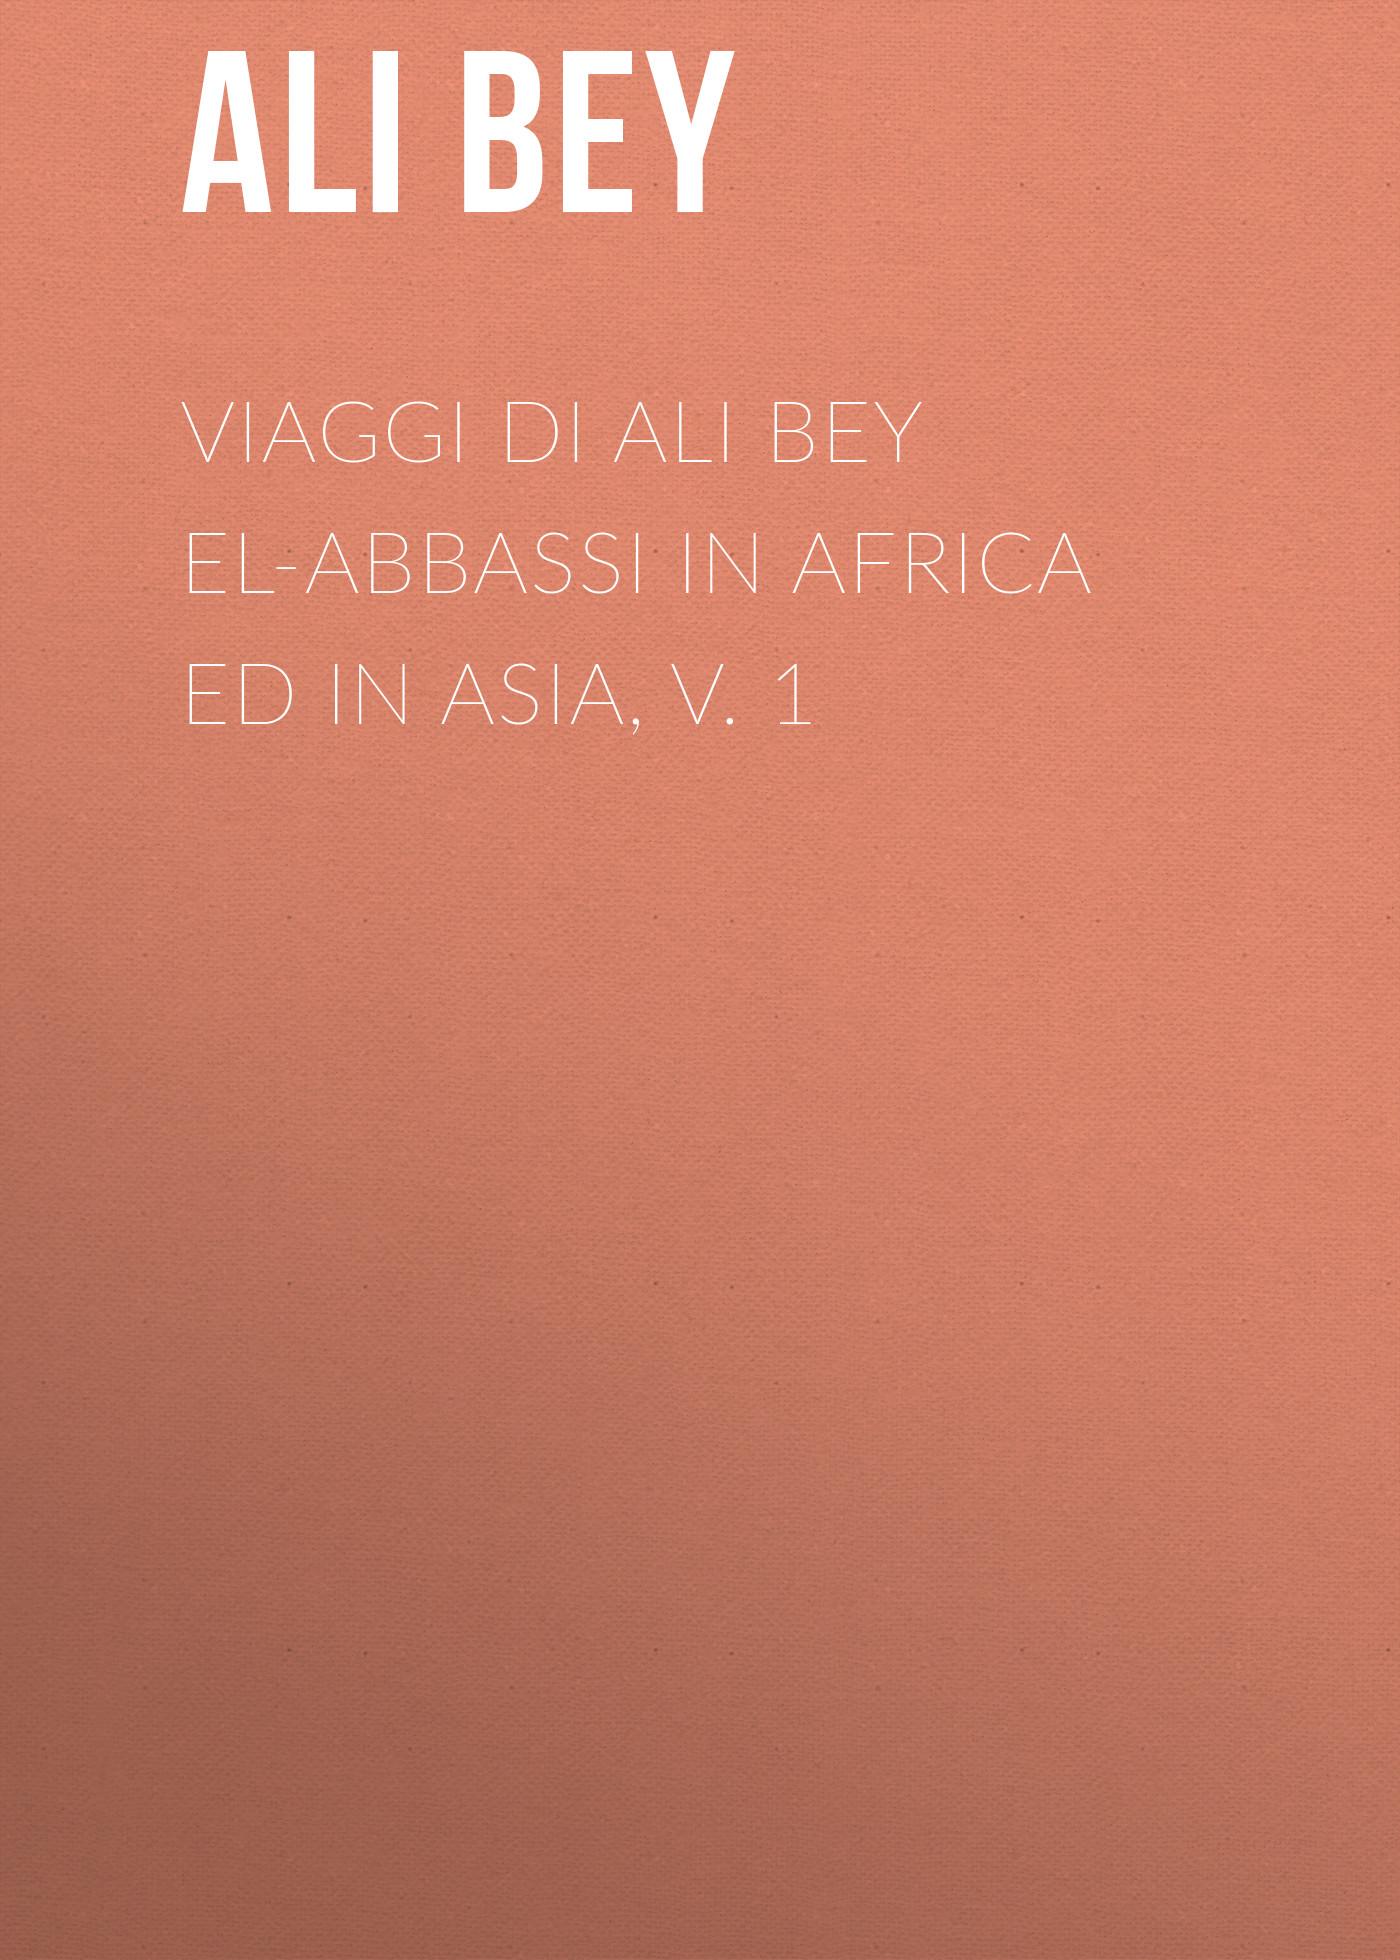 Viaggi di Ali Bey el-Abbassi in Africa ed in Asia, v. 1